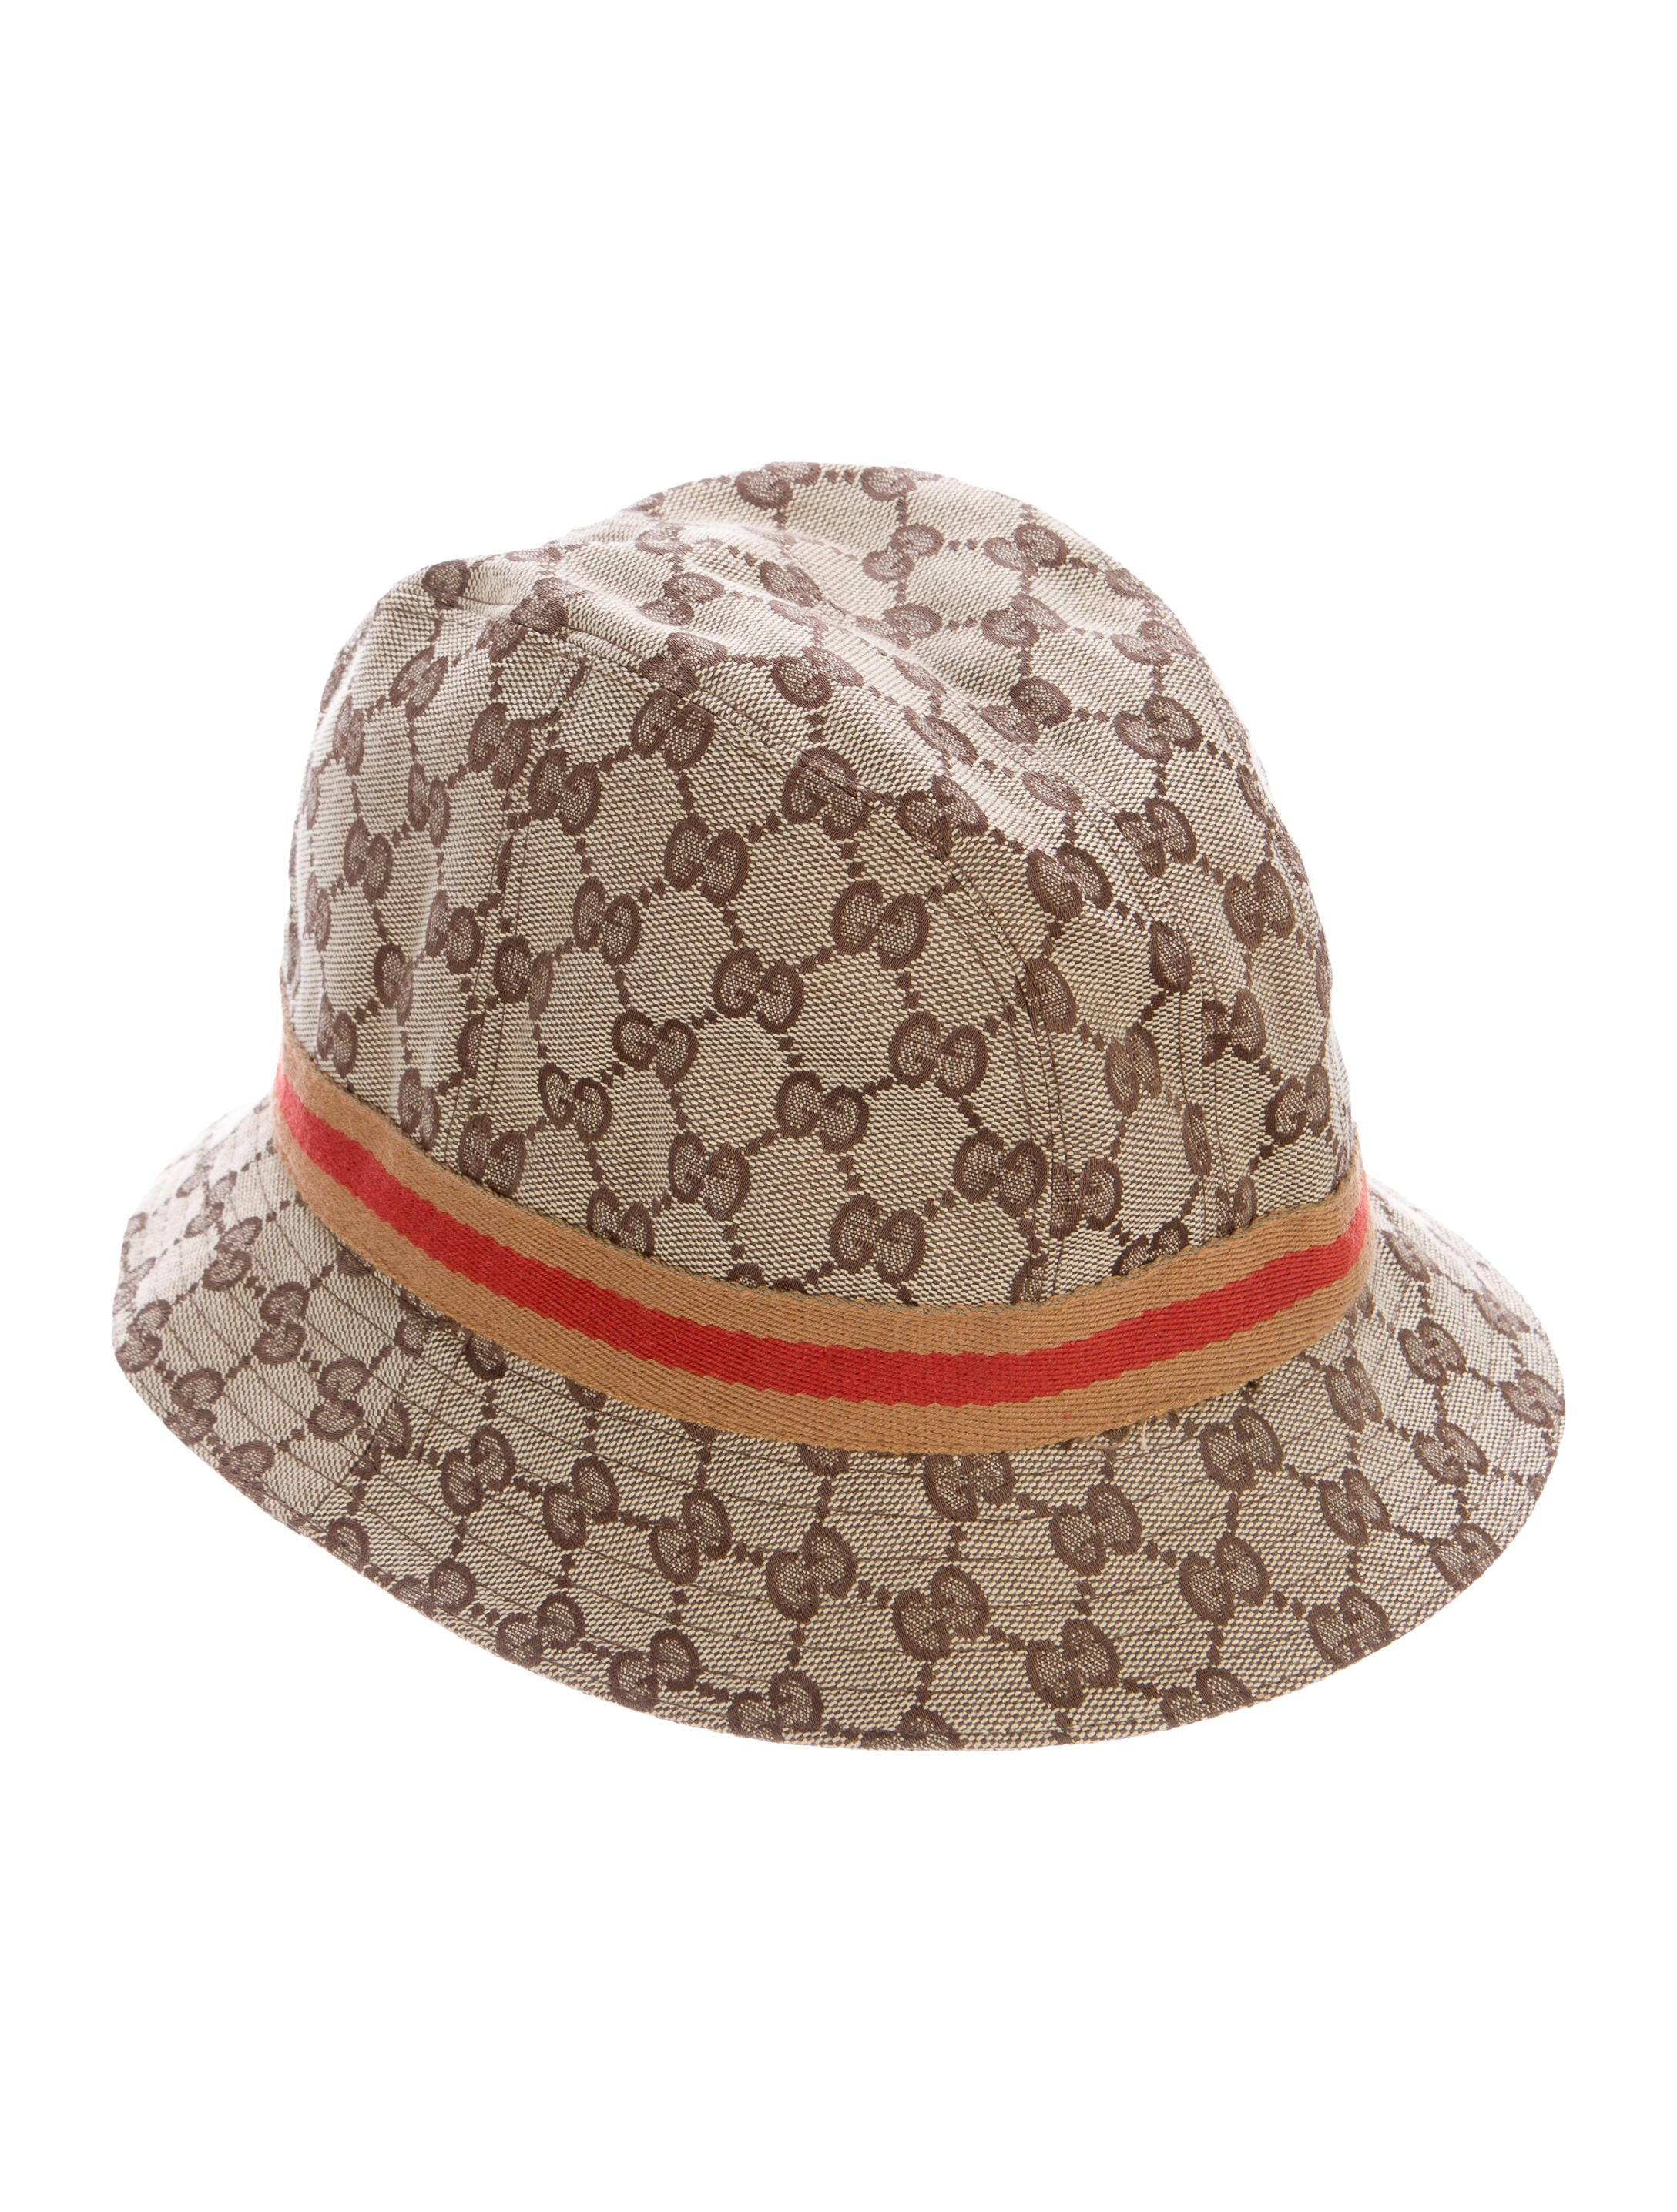 e8f1b8fc22f Gucci GG Web Bucket Hat - Accessories - GUC144856